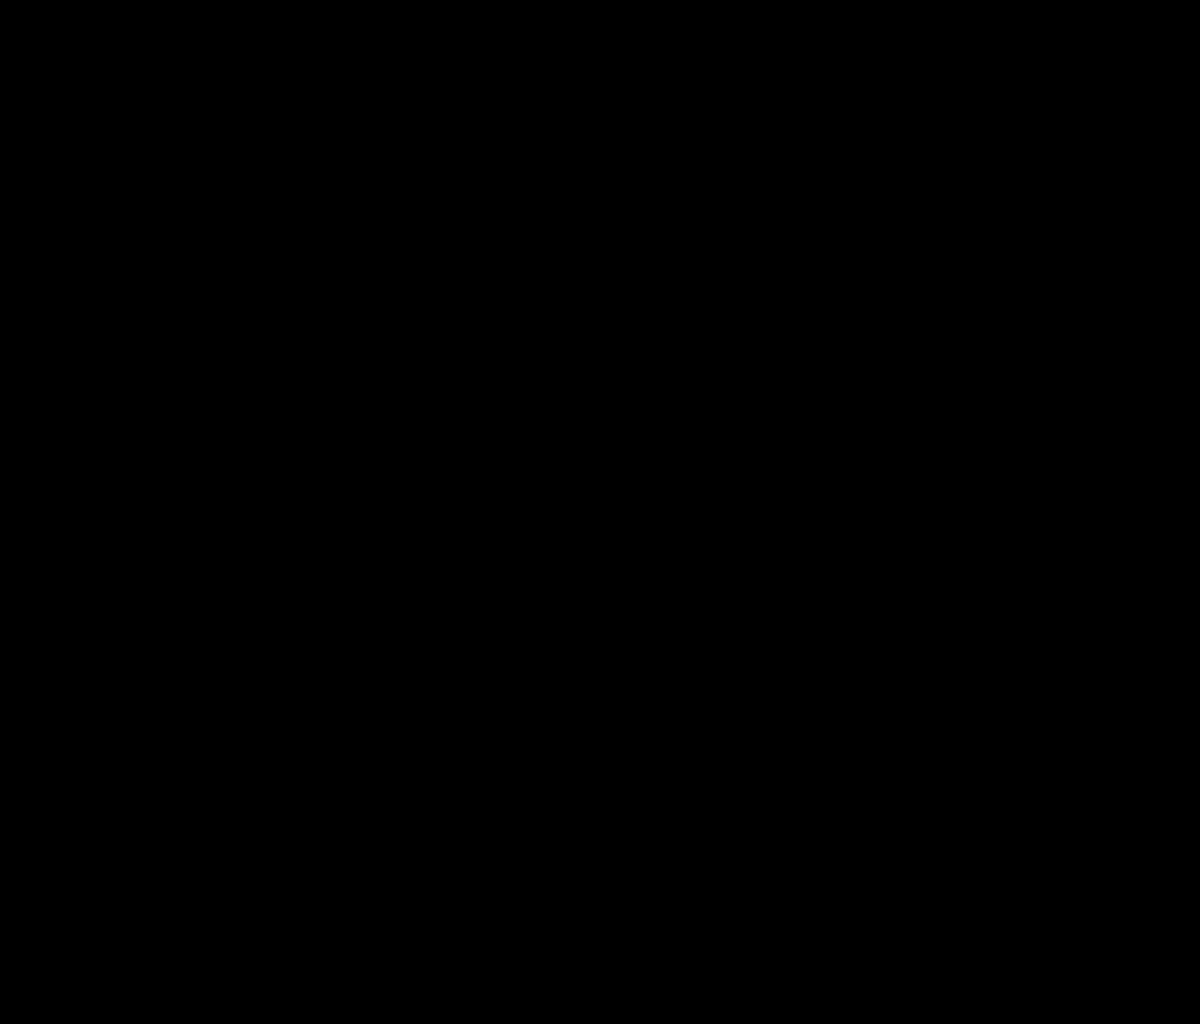 Design-4.jpg